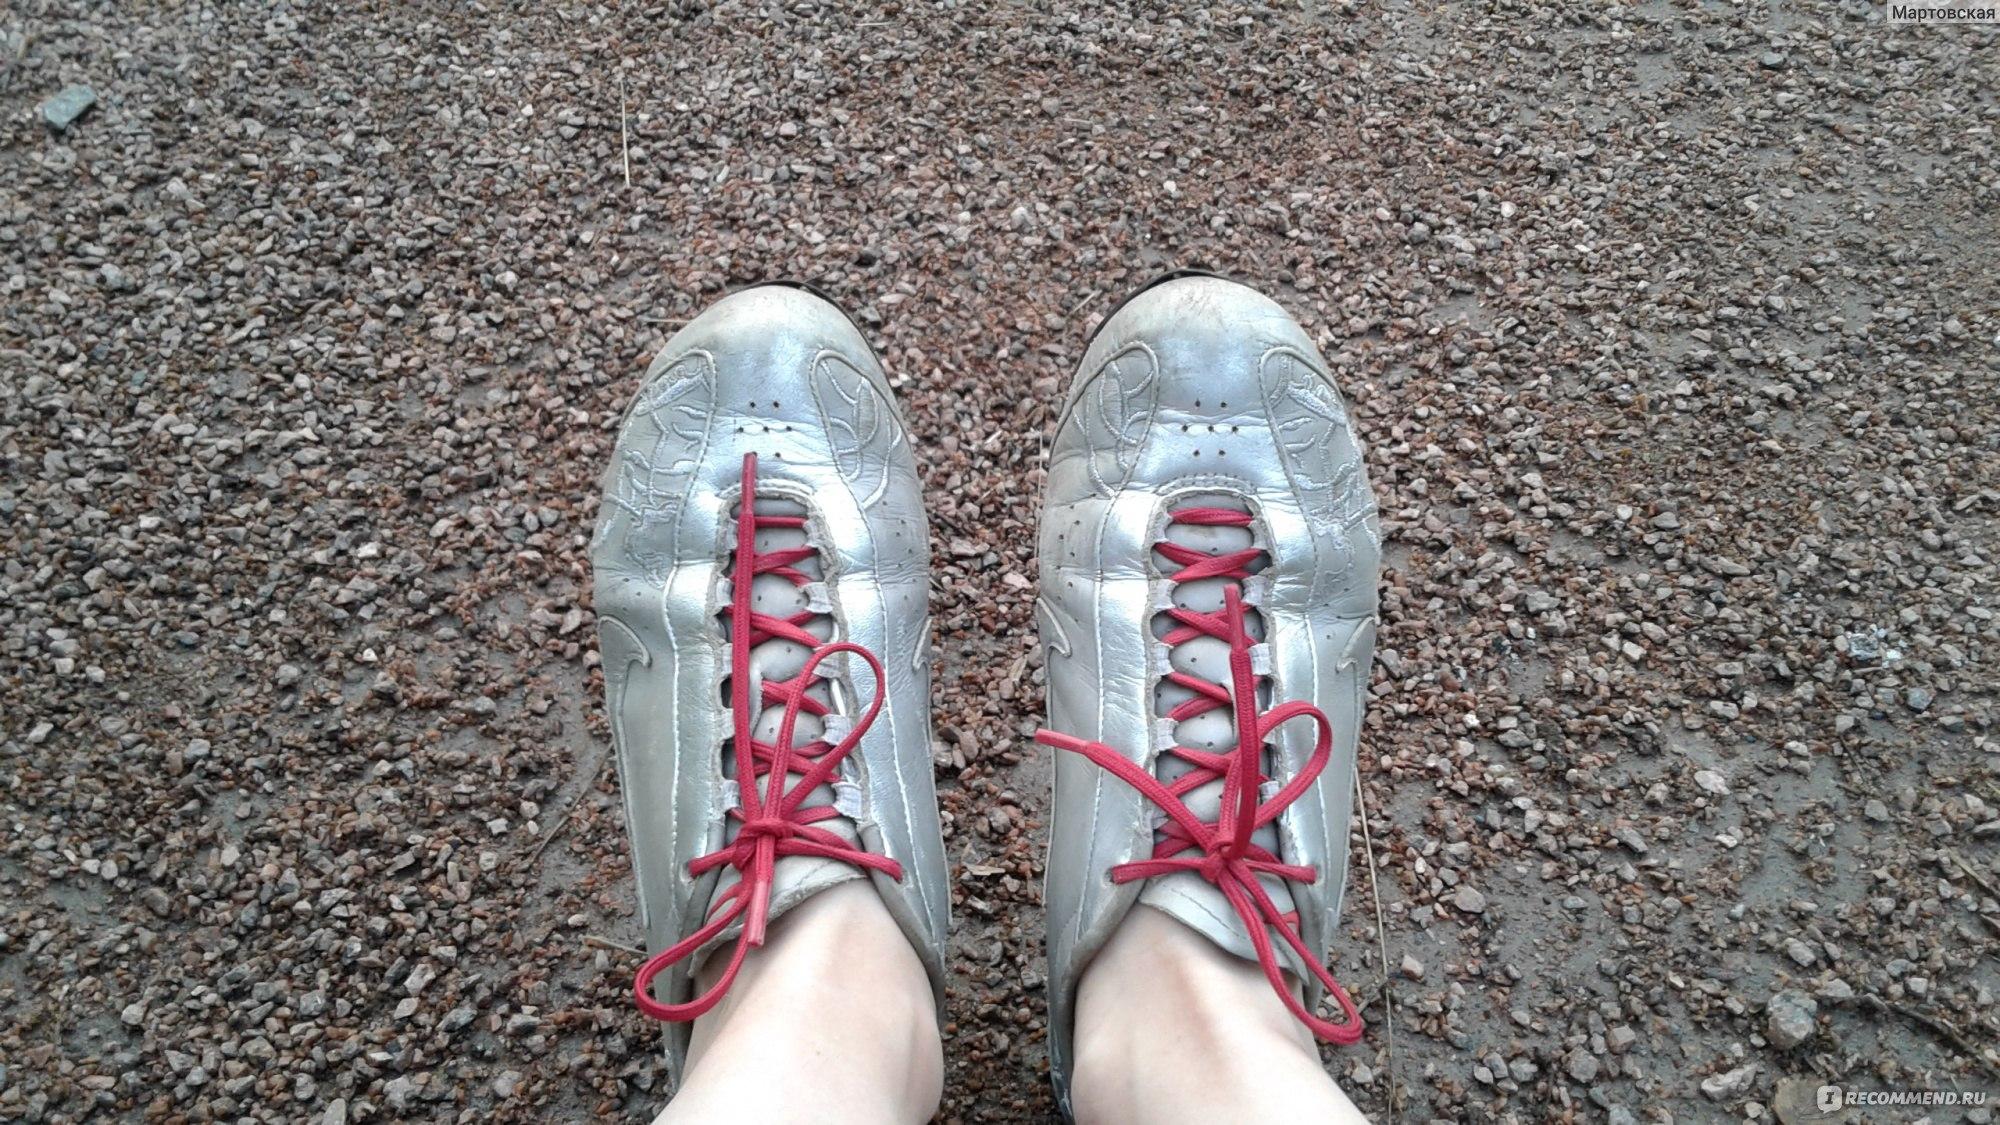 8412e94b Кроссовки женские Nike Shox rival - «Хотите неубиваемые кожаные ...